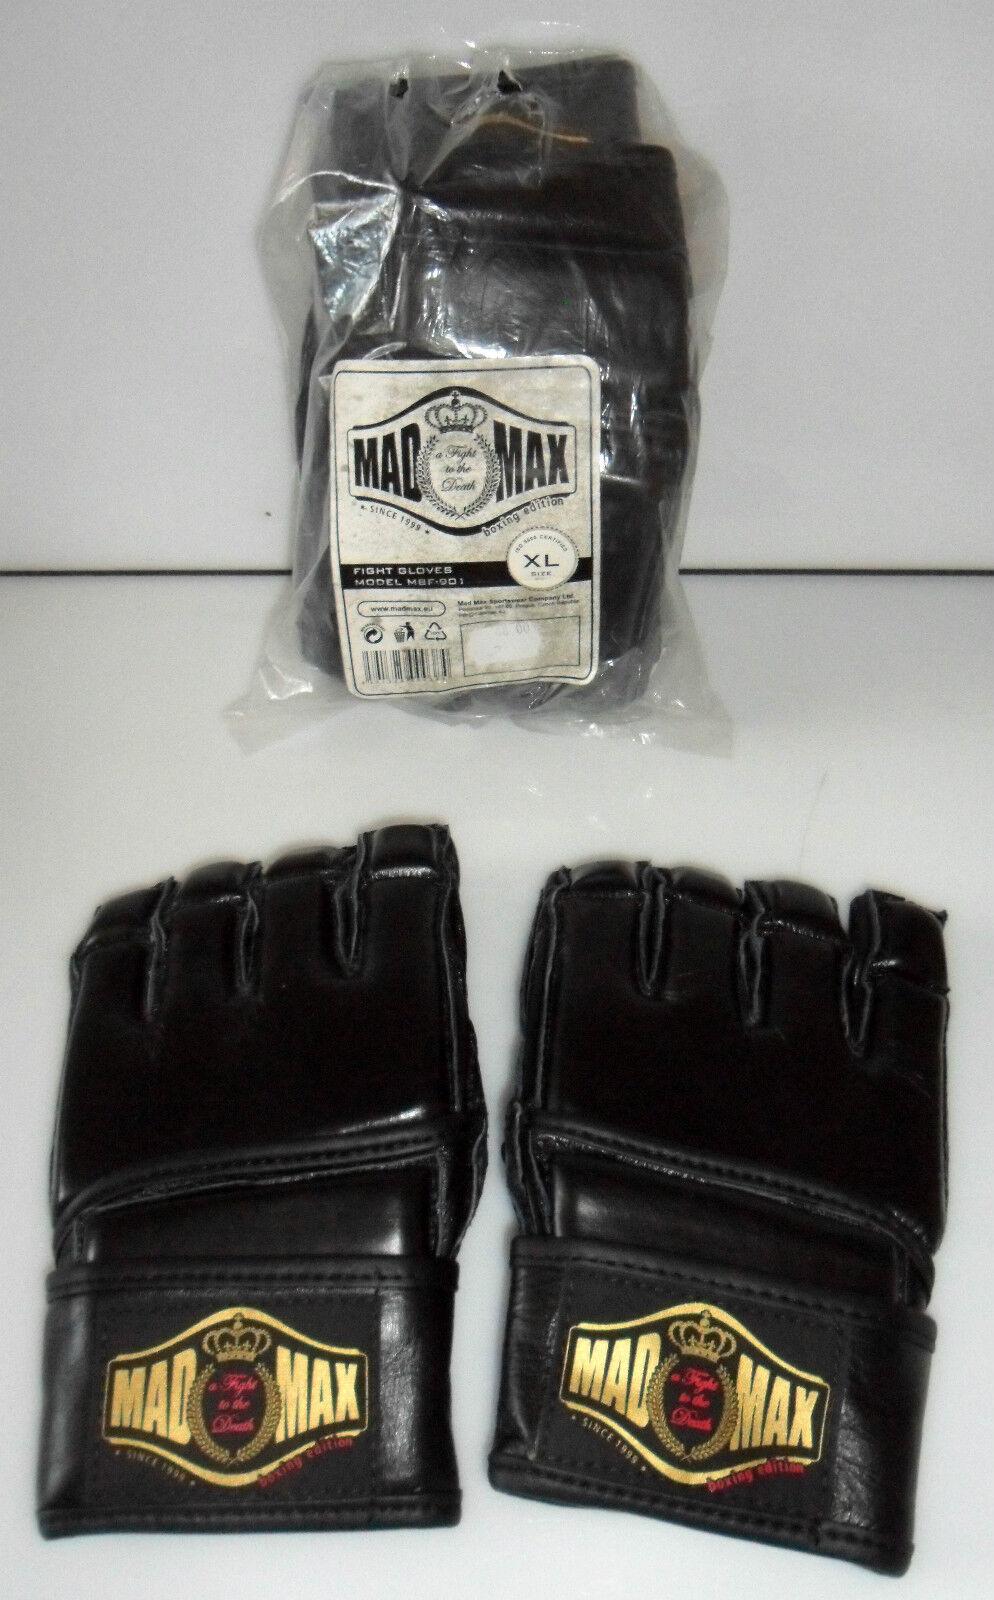 Guanti arti marziali boxe MAD Edition MAX Boxing Edition MAD model MBF-901 fight gloves d0542b